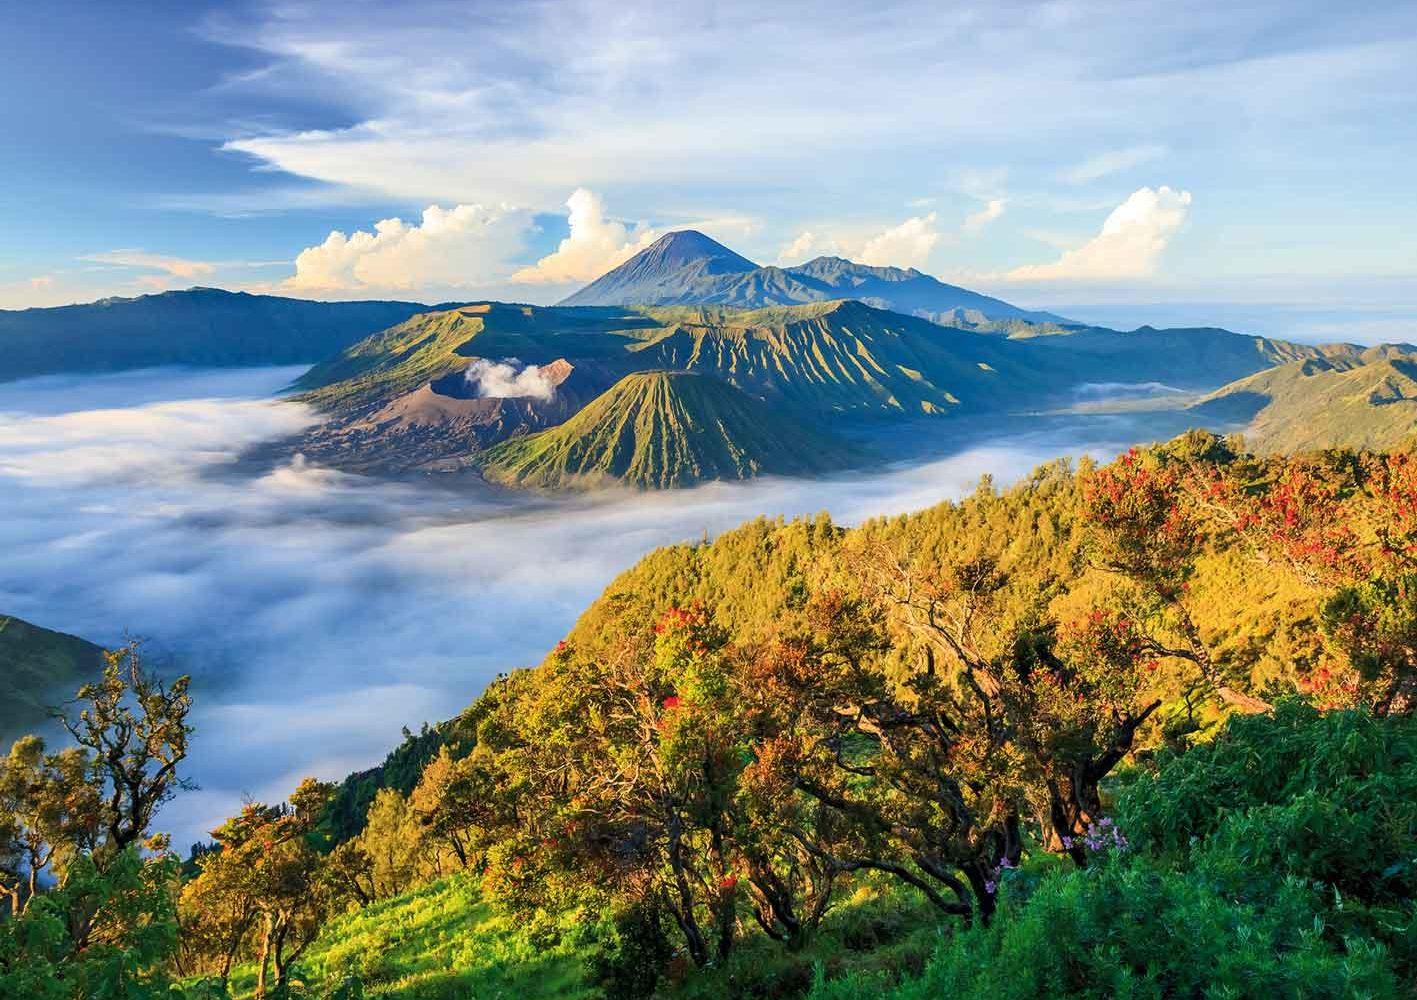 Indonesien: Sicht auf den Bromo-Vulkan, Java